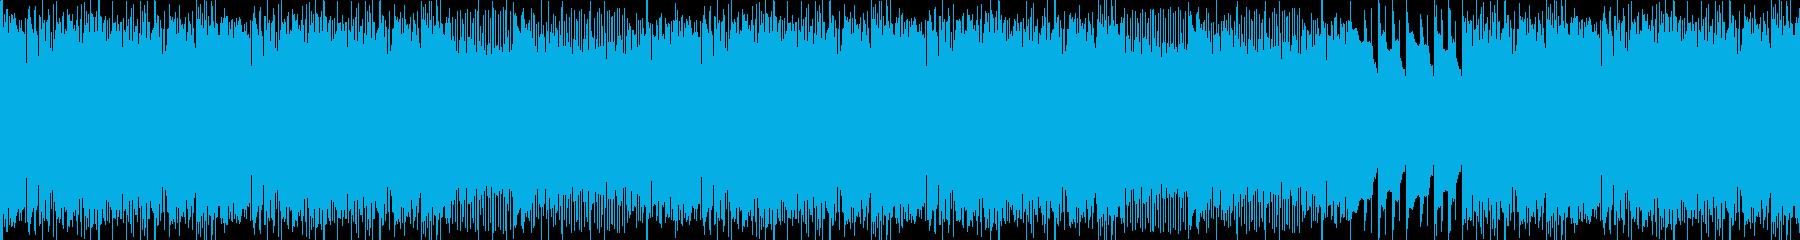 地を這う様なスペーシーな要素満載なビートの再生済みの波形